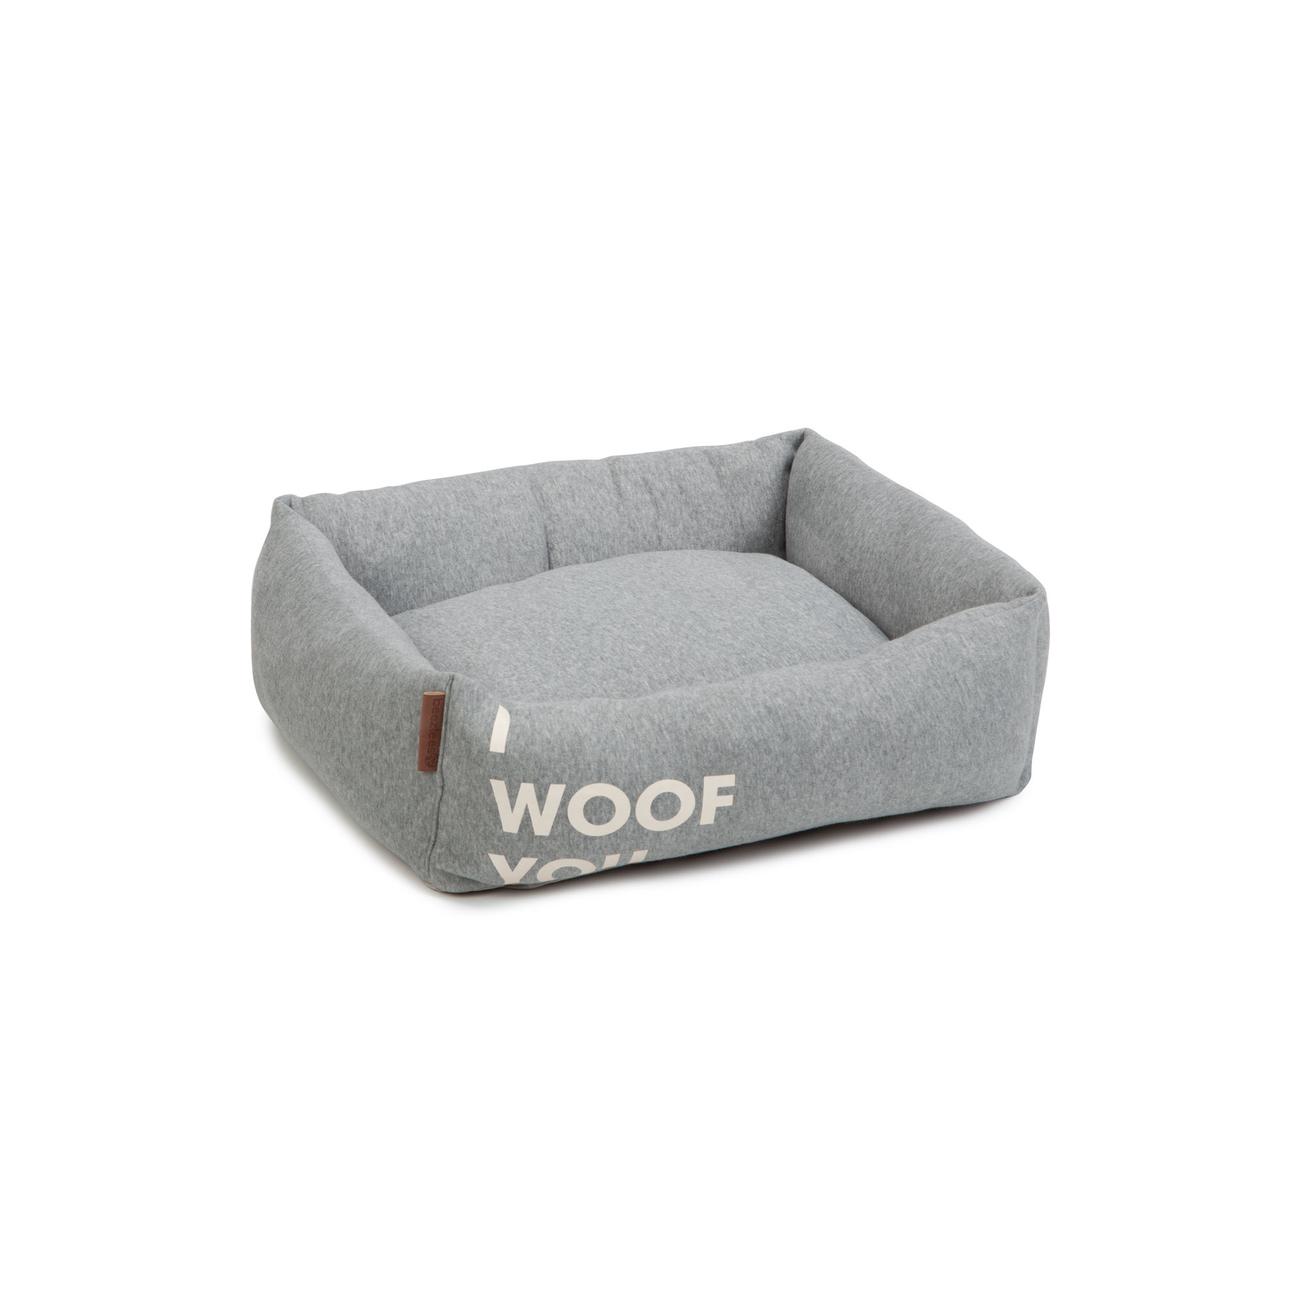 Beeztees Hundebett Woof You, 55 x 50 x 20 cm, grau